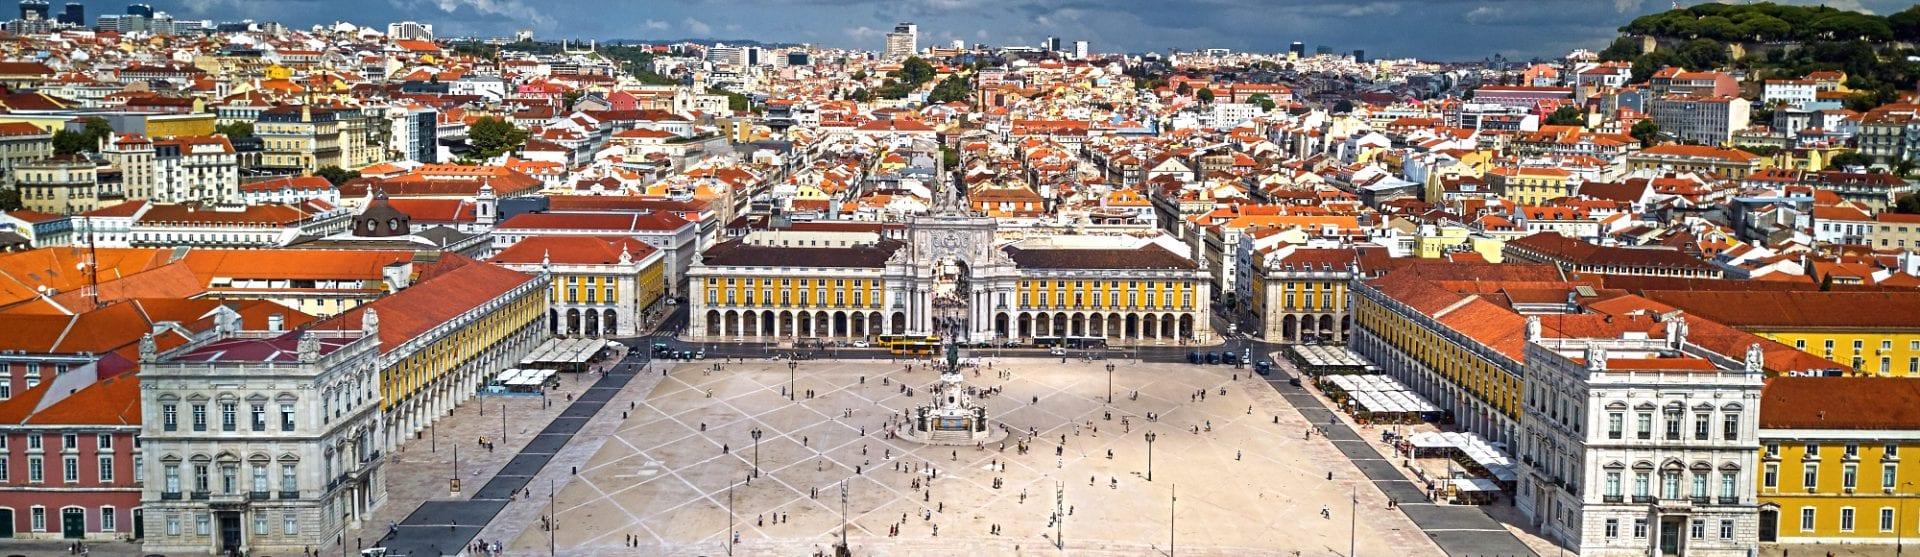 Lisboa a cidade europeia com maior reserva turística